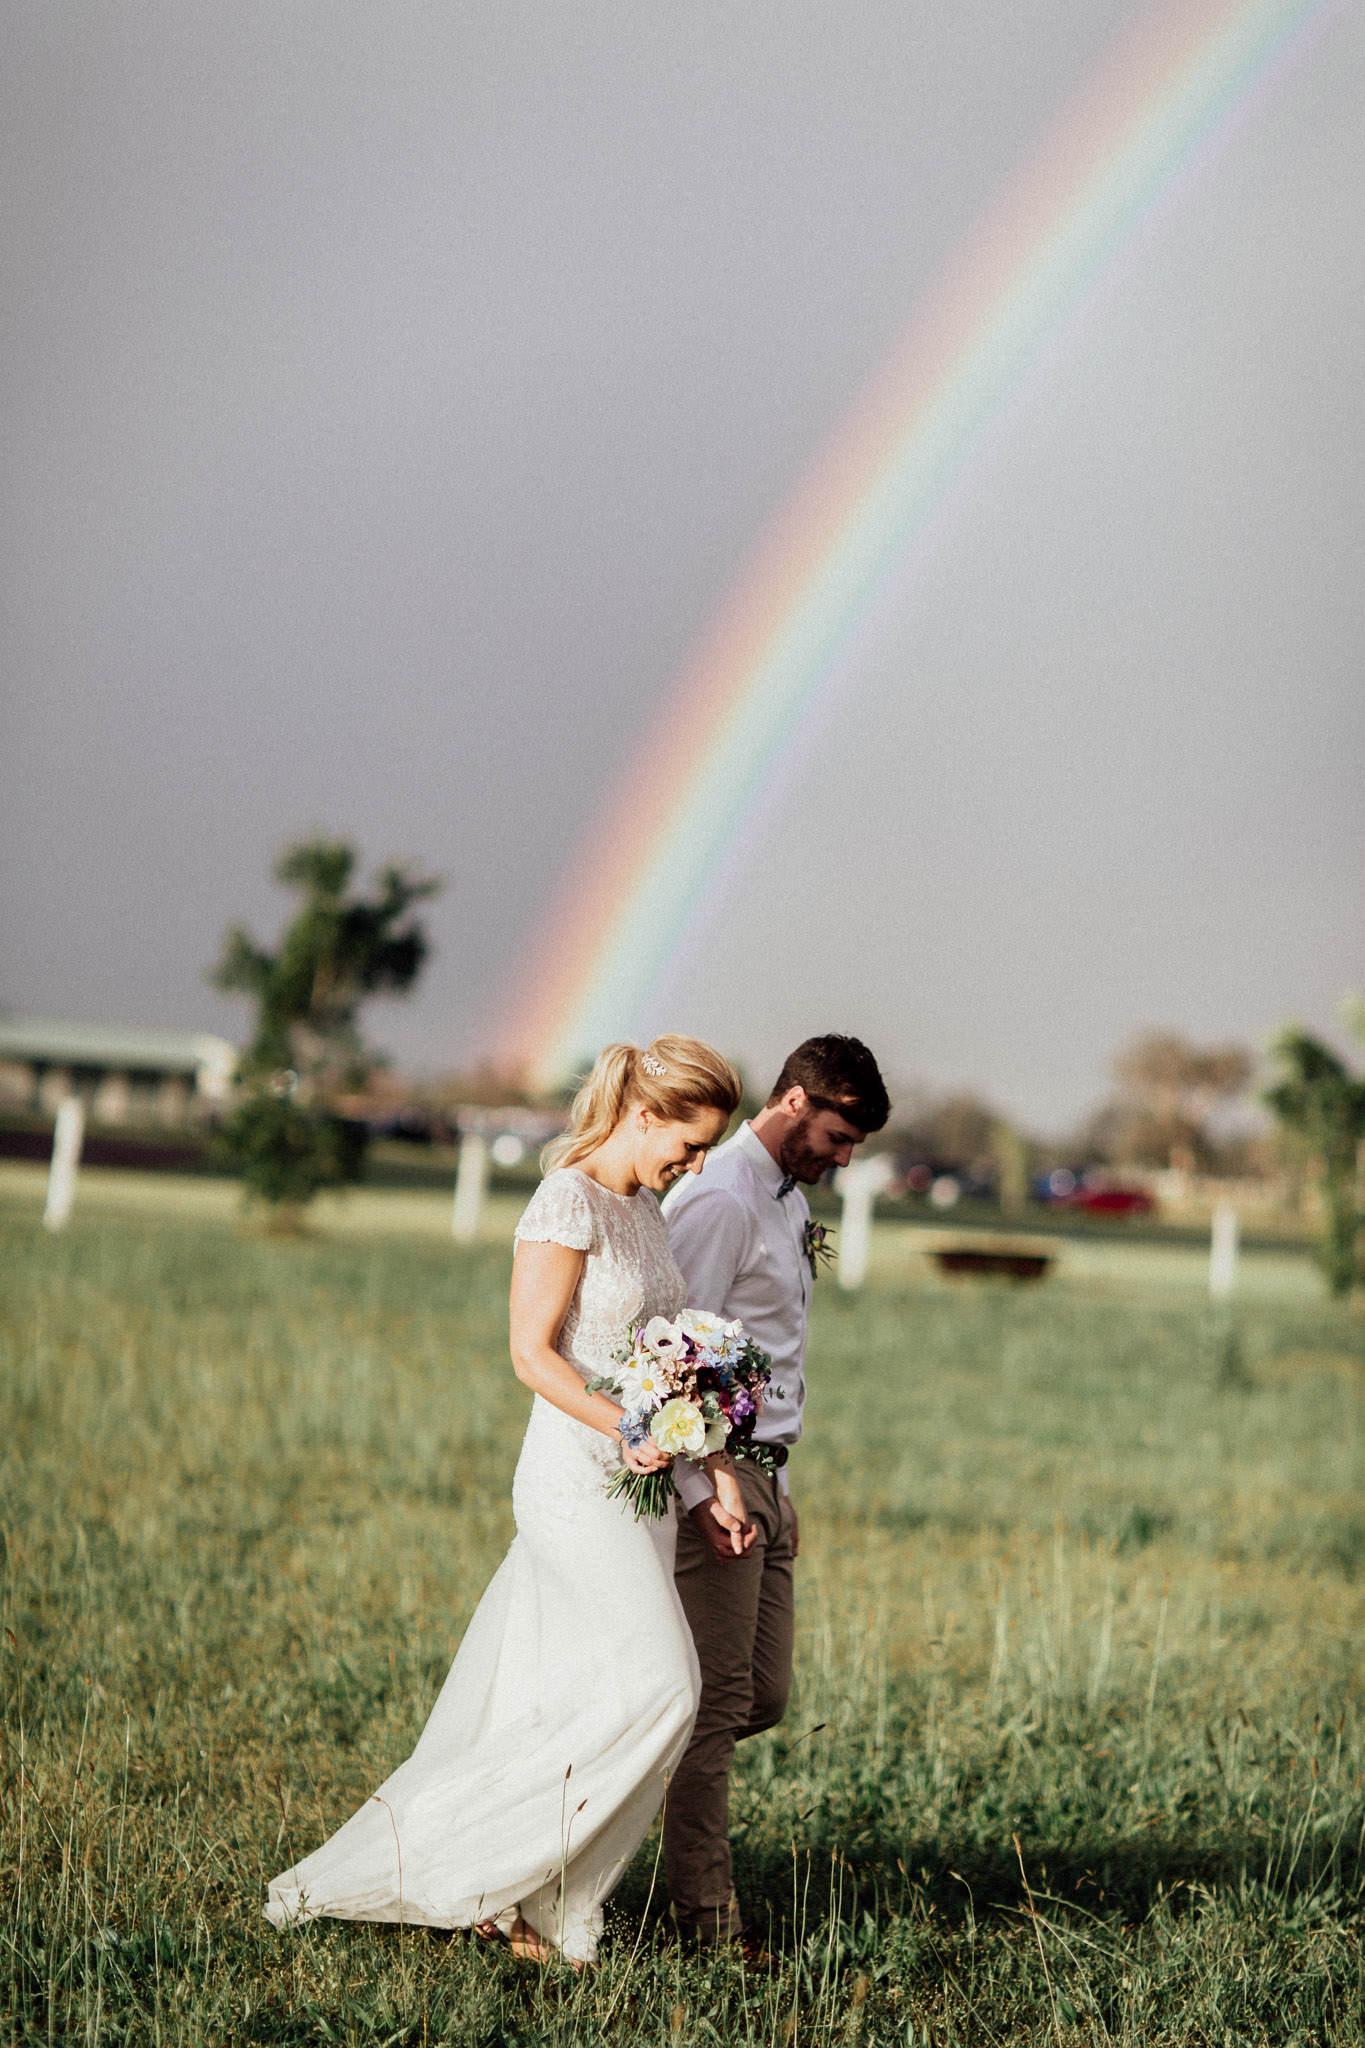 WeddingPhotos_Facebook_2048pixels-1523.jpg